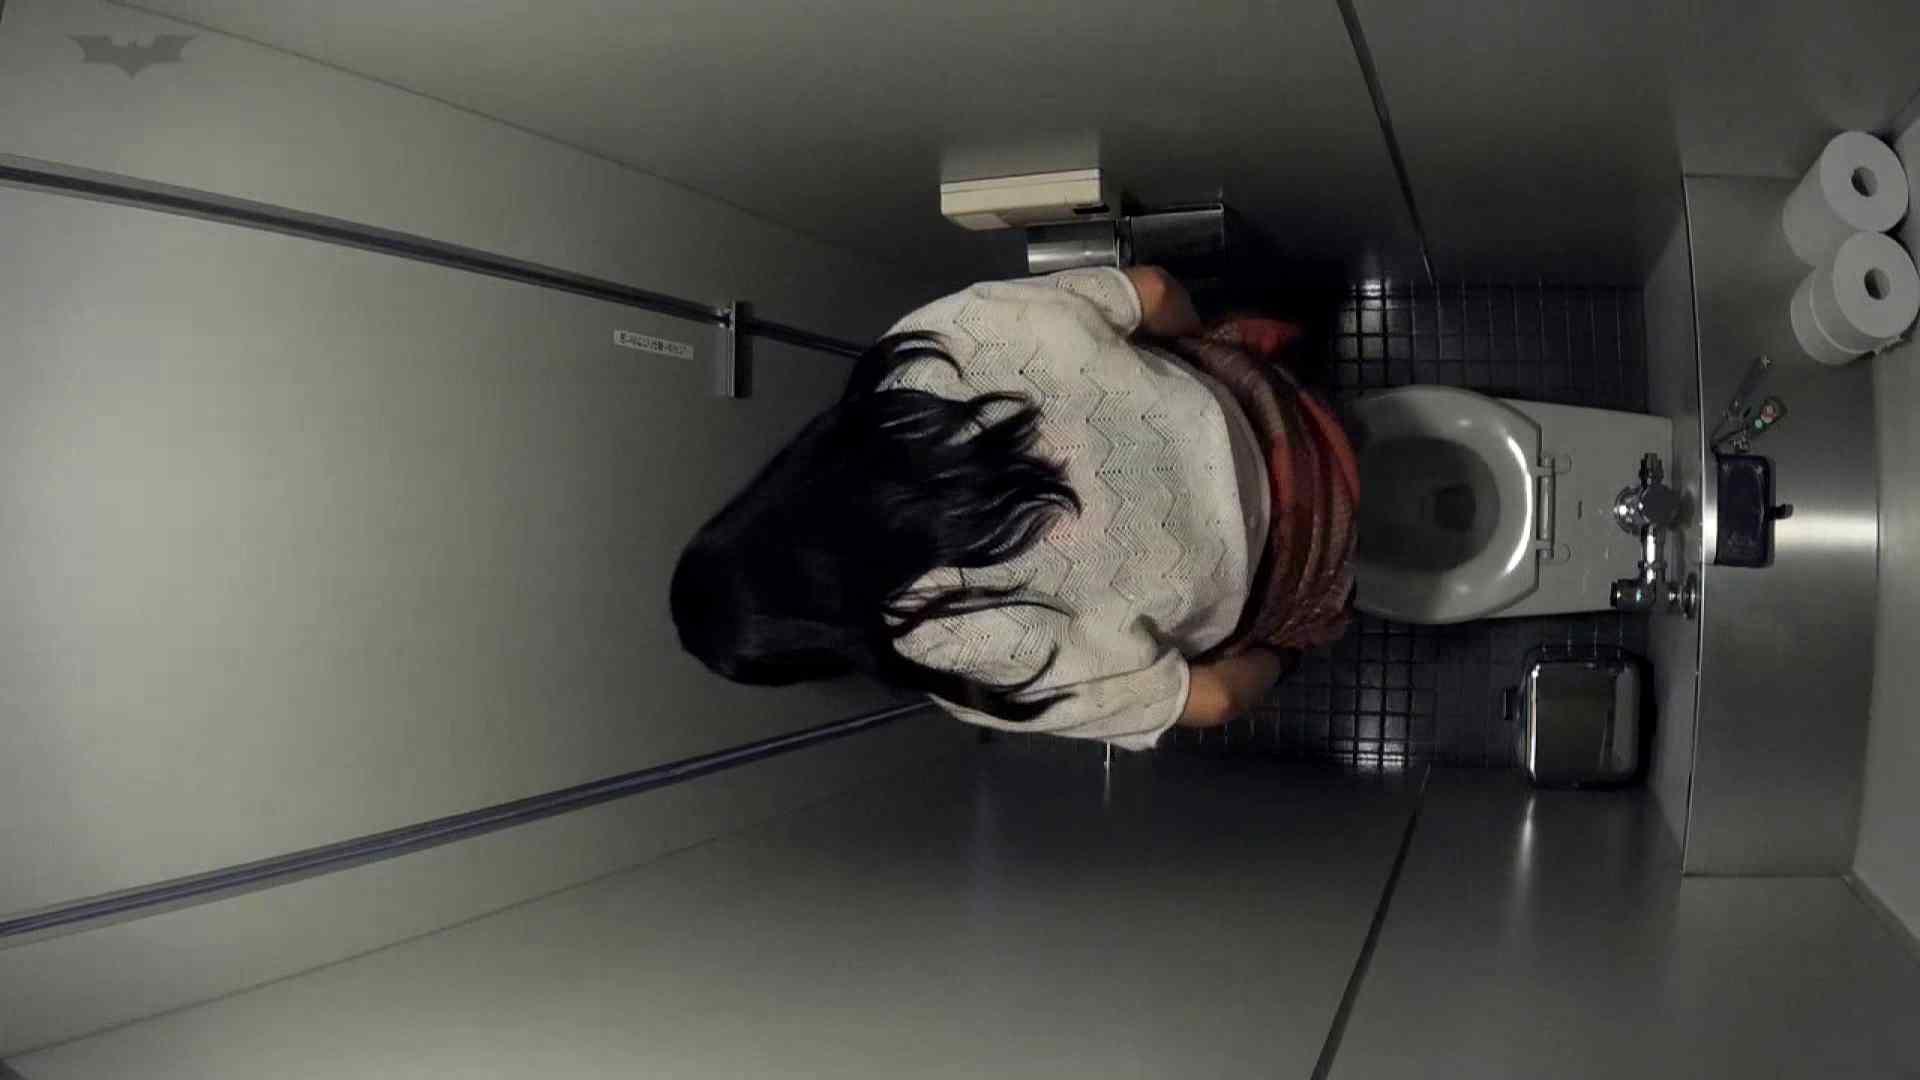 有名大学女性洗面所 vol.45 冴え渡る多方向撮影!職人技です。 潜入  98pic 17